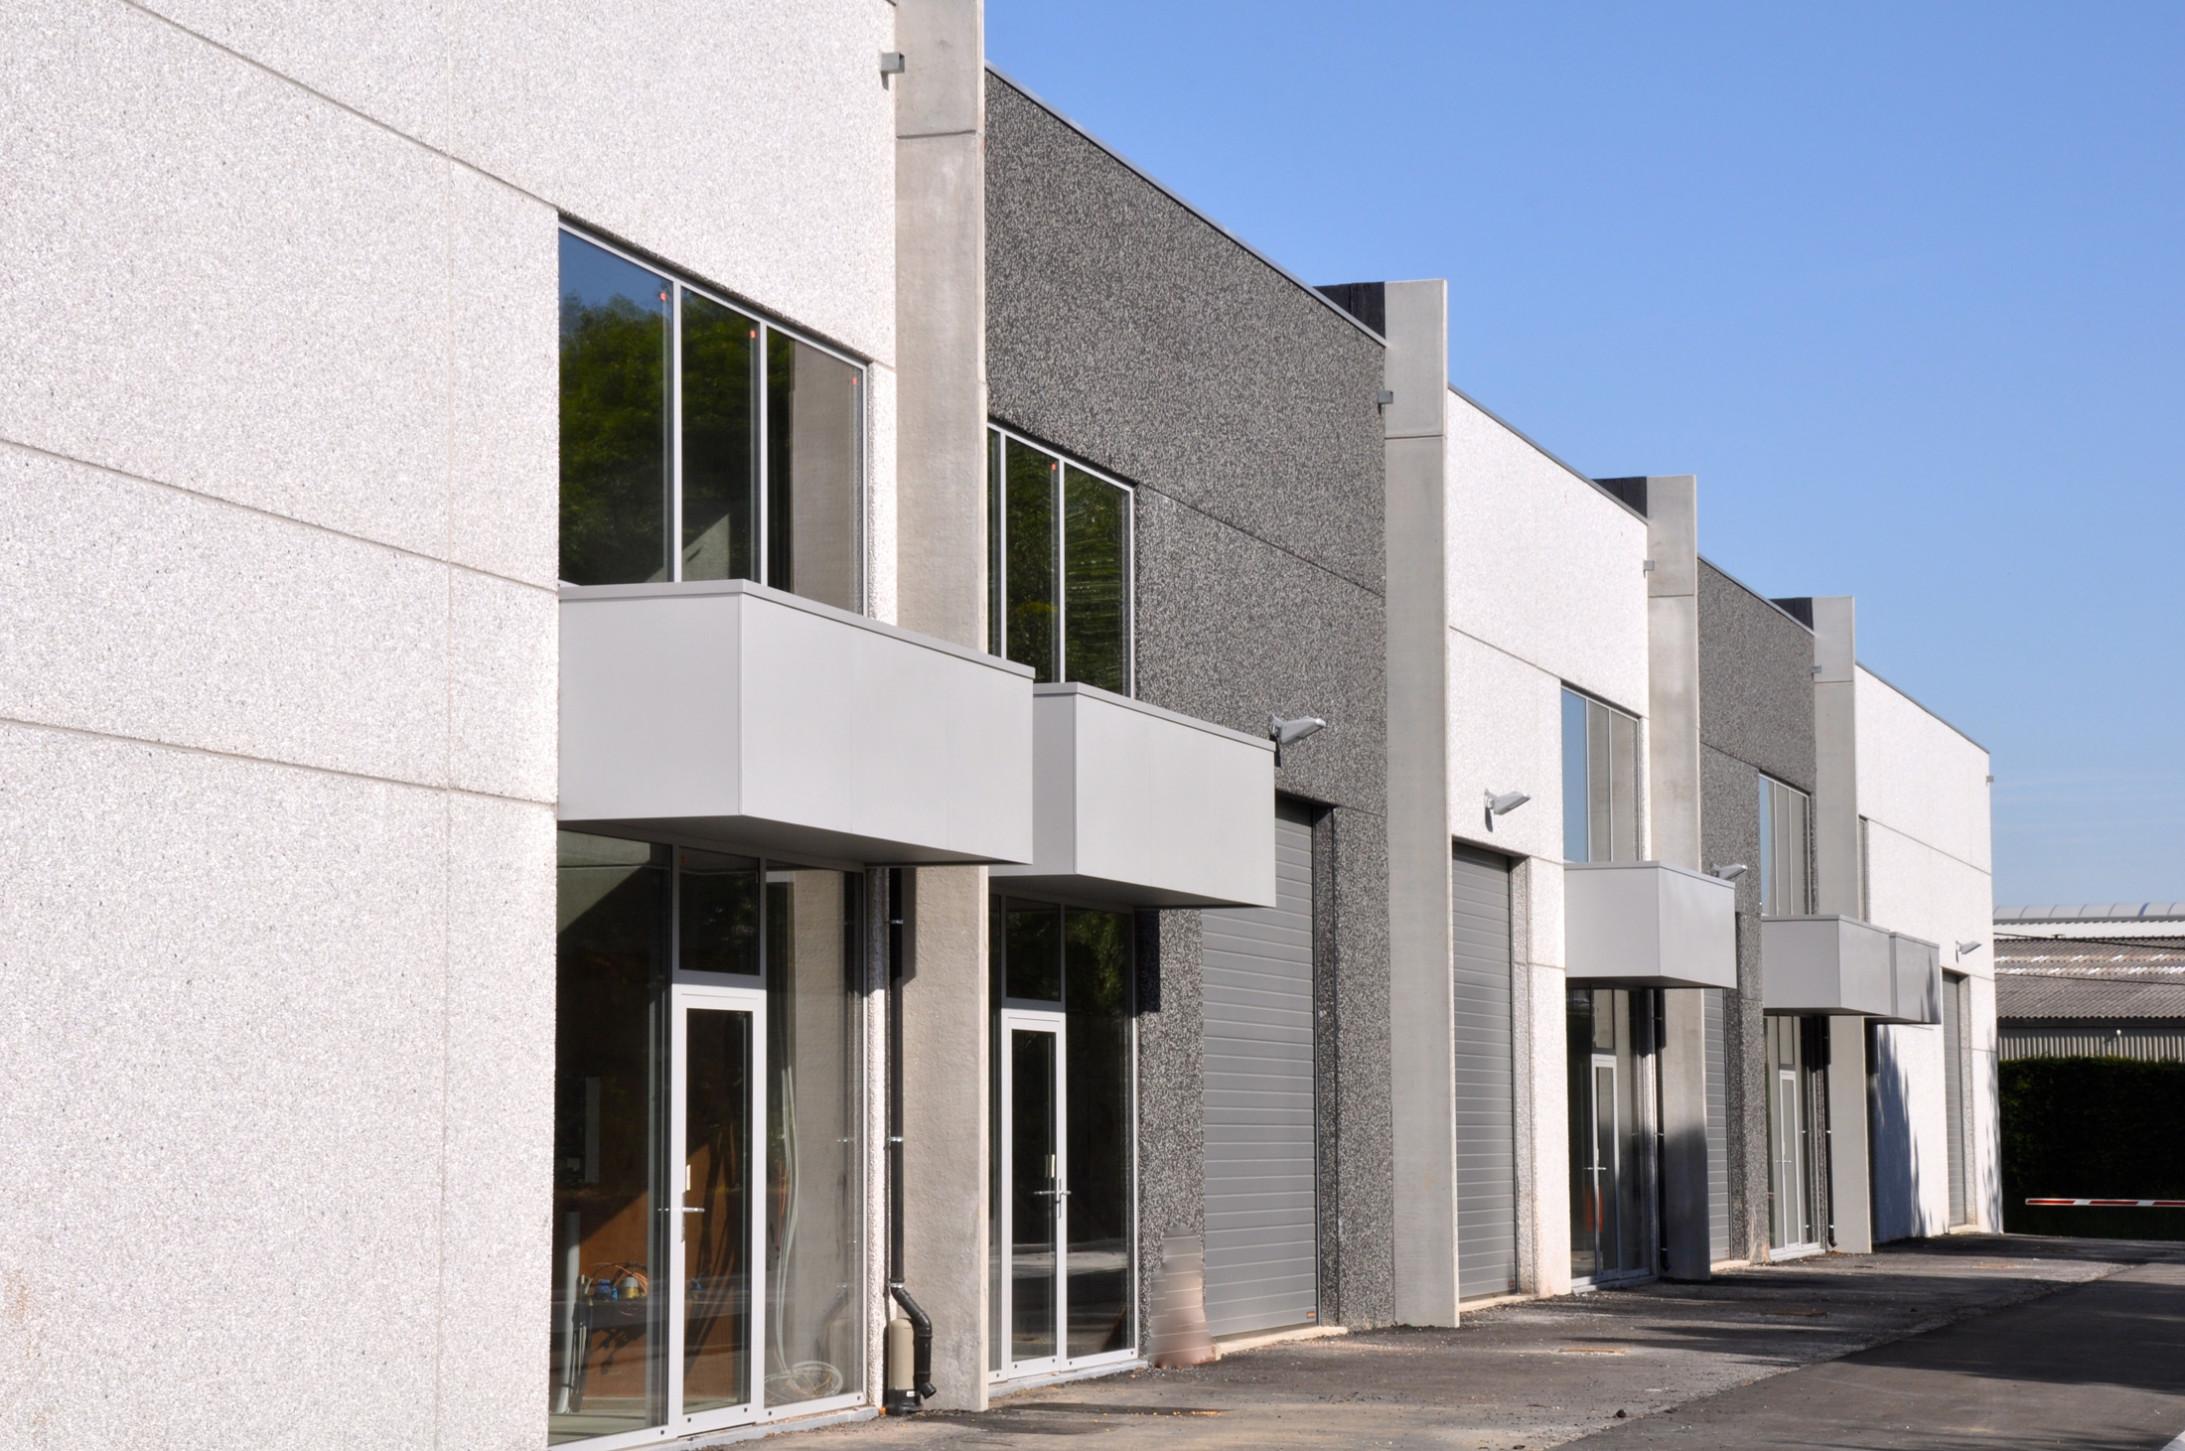 Bedrijfsverzamelgebouwen1_Roeselare_Claeys Architecten